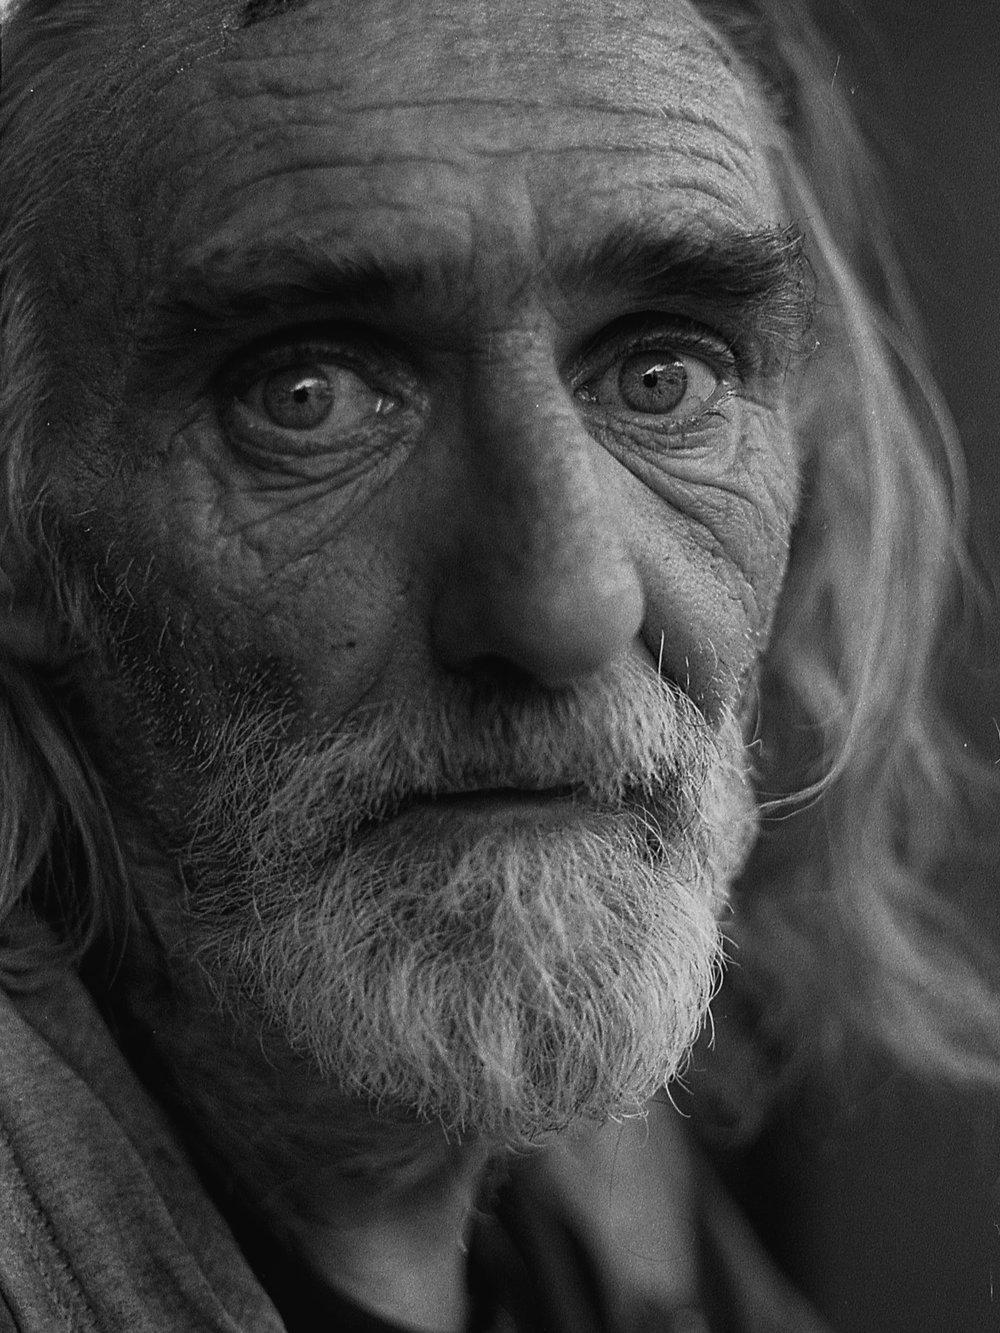 PortraitP-RiebolgeSebastian-2.jpg